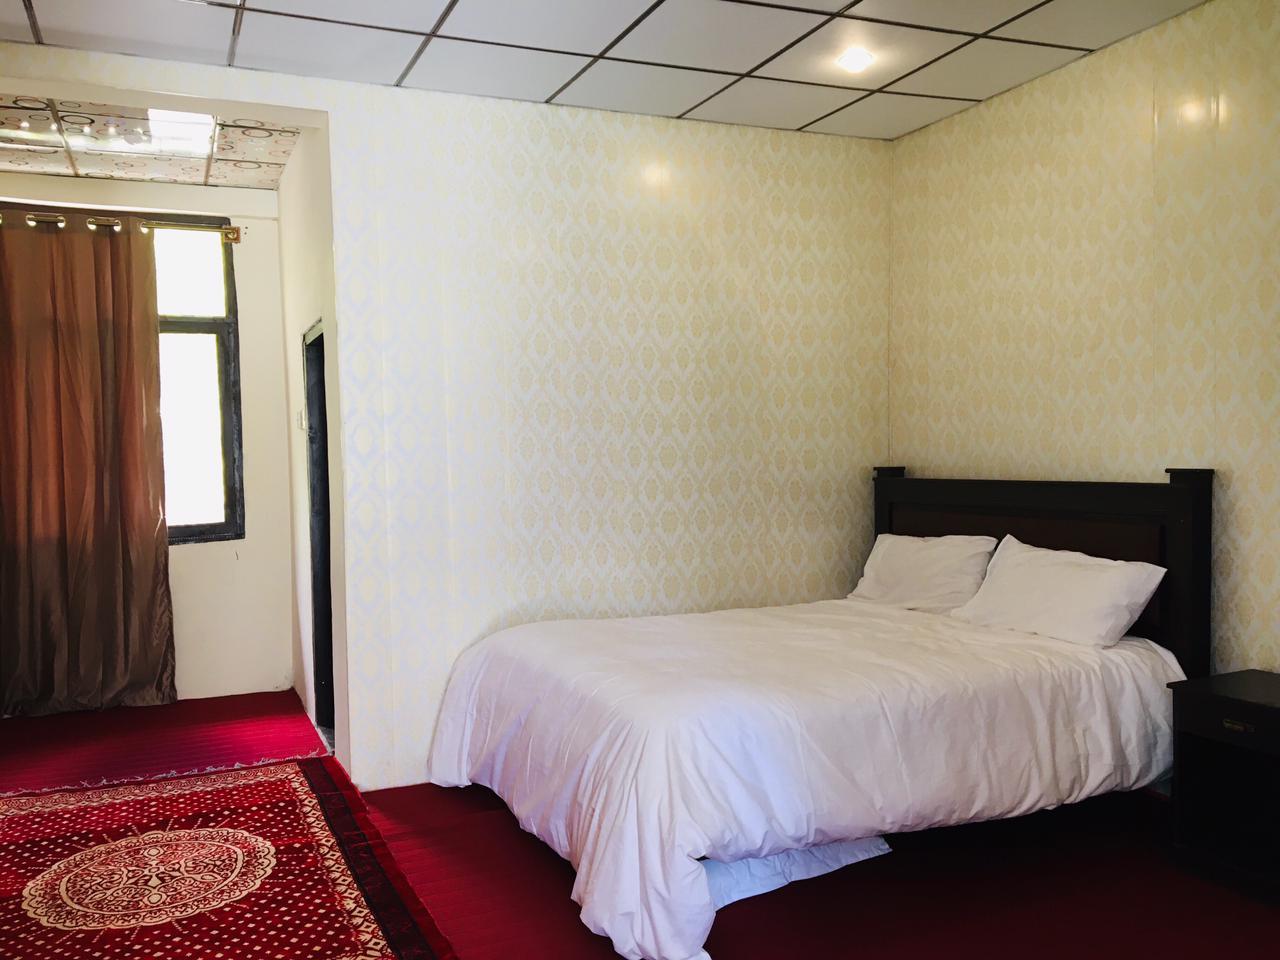 double bed room of hotel in passu